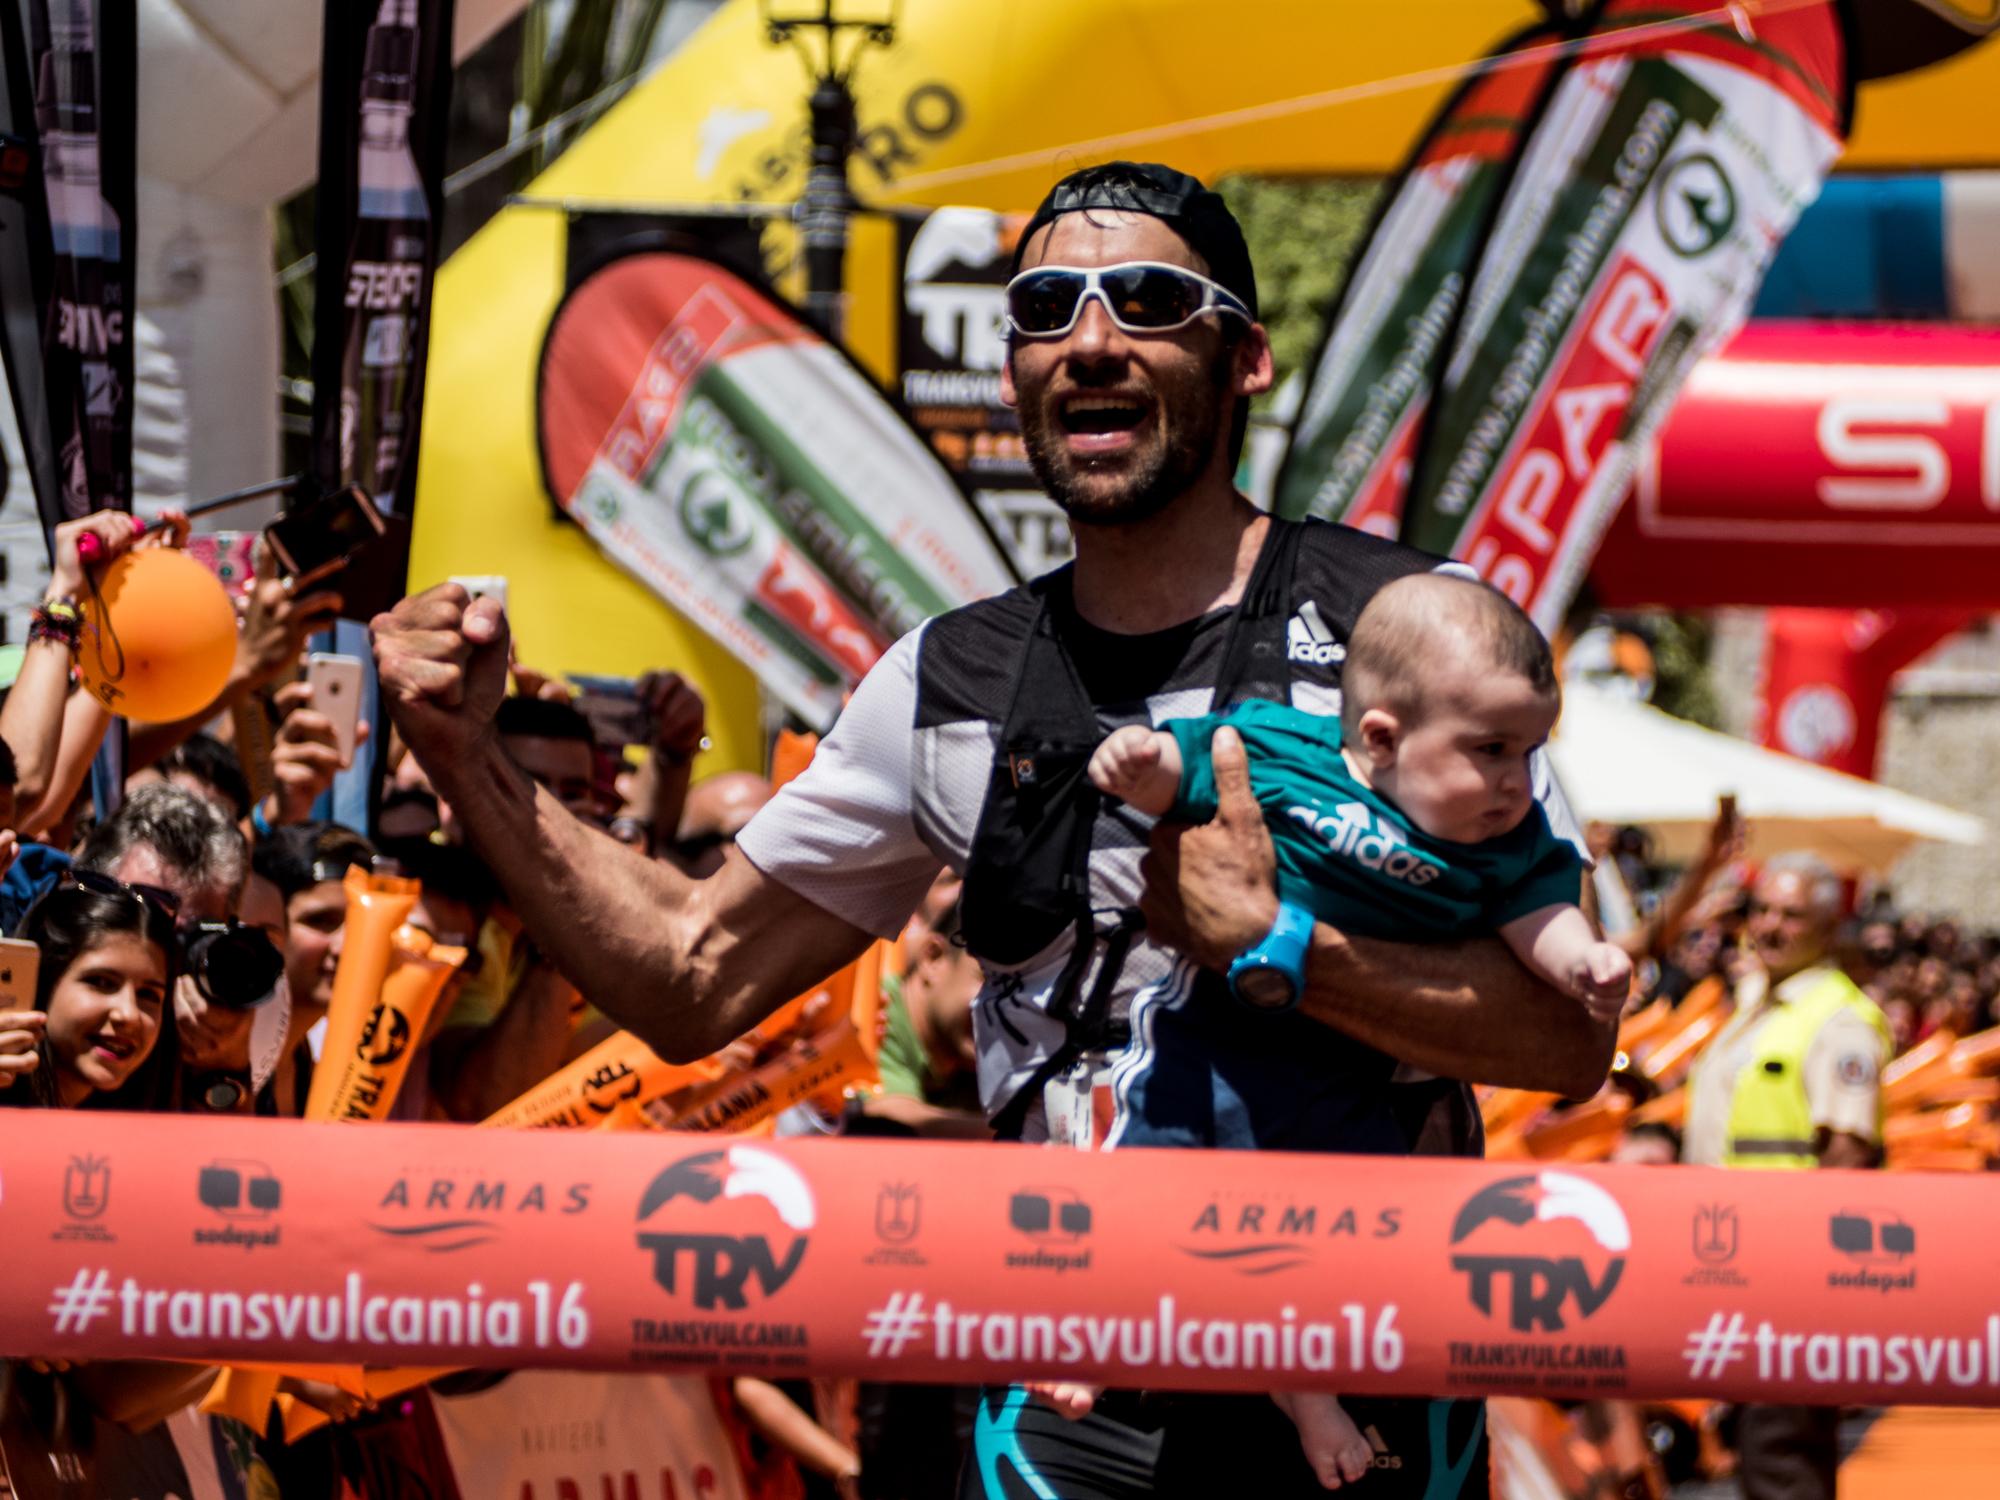 Luis Alberto Hernando e Ida Nilsson conquistan la Transvulcania y se sit�an l�deres de las Ultra Series de las Skyrunner National Series Spain, Andorr